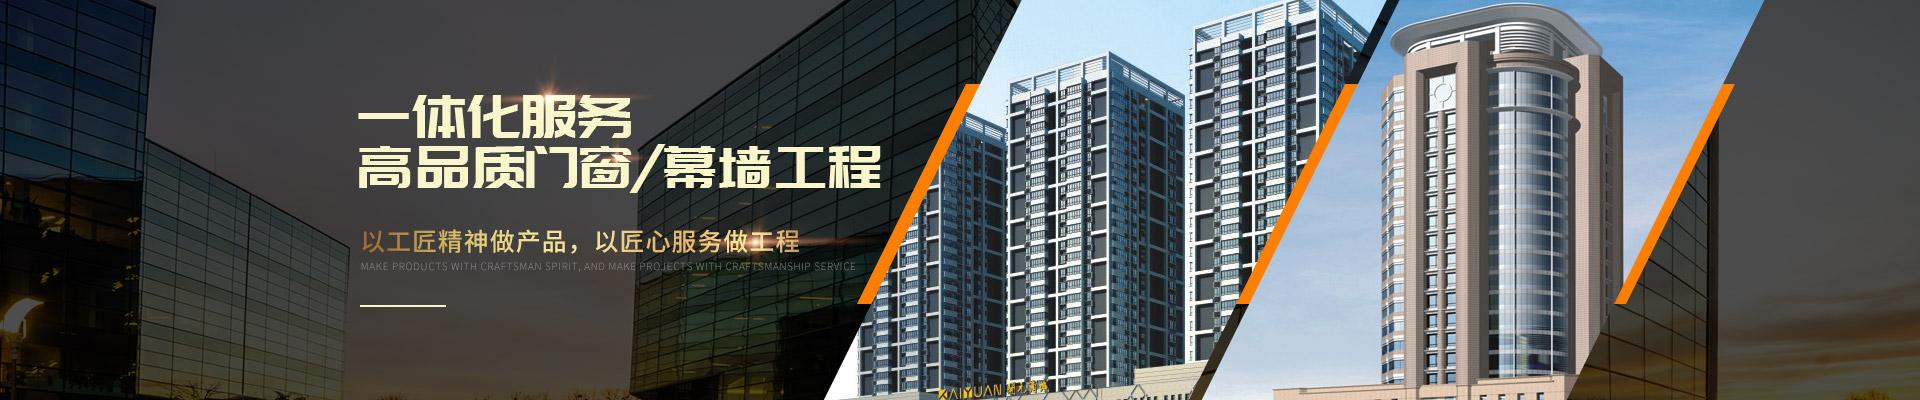 联系楼上楼-高品质门窗/幕墙工程一体化服务